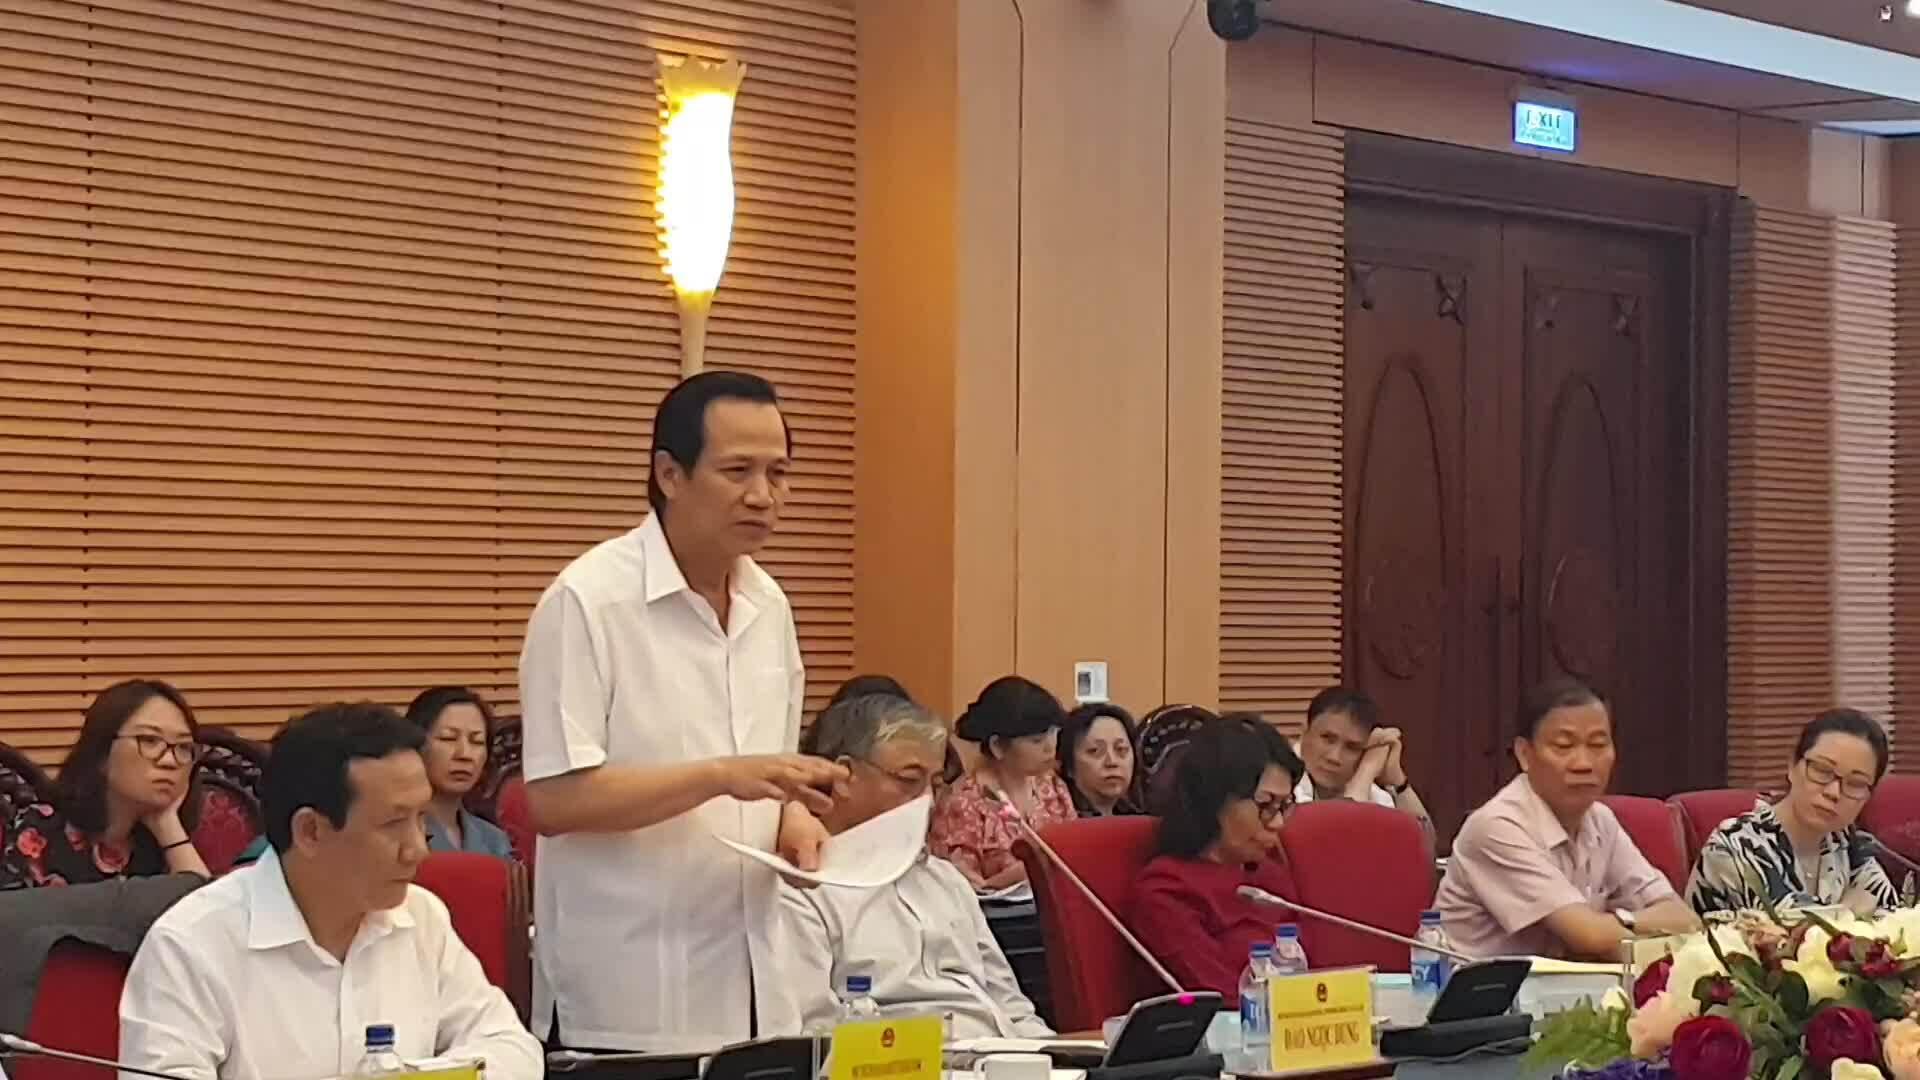 Bộ trưởng Đào Ngọc Dung nói về tăng tuổi nghỉ hưu